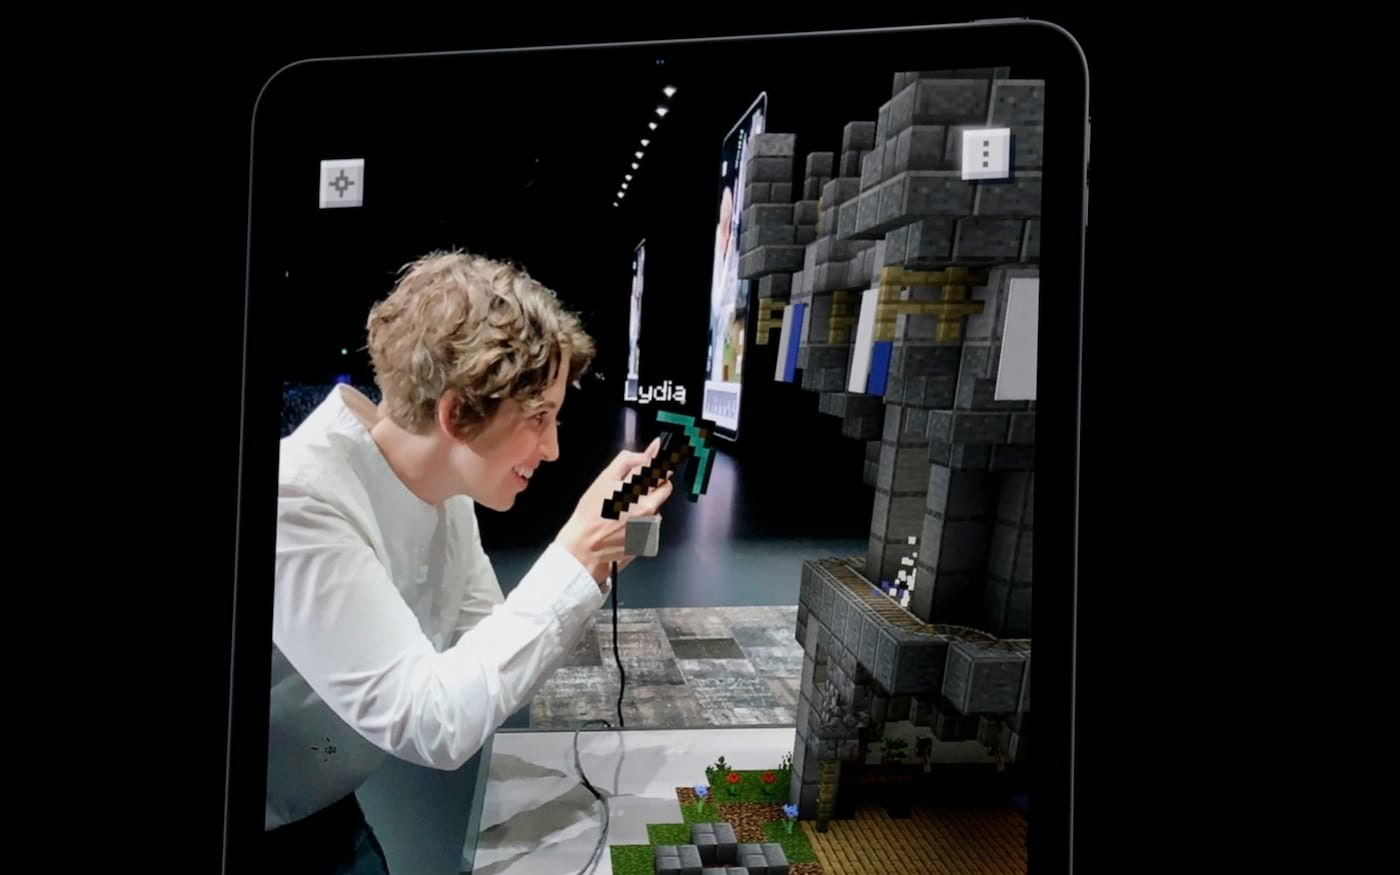 Conheça os recursos em AR do Minecraft Earth apresentados na WWDC 2019